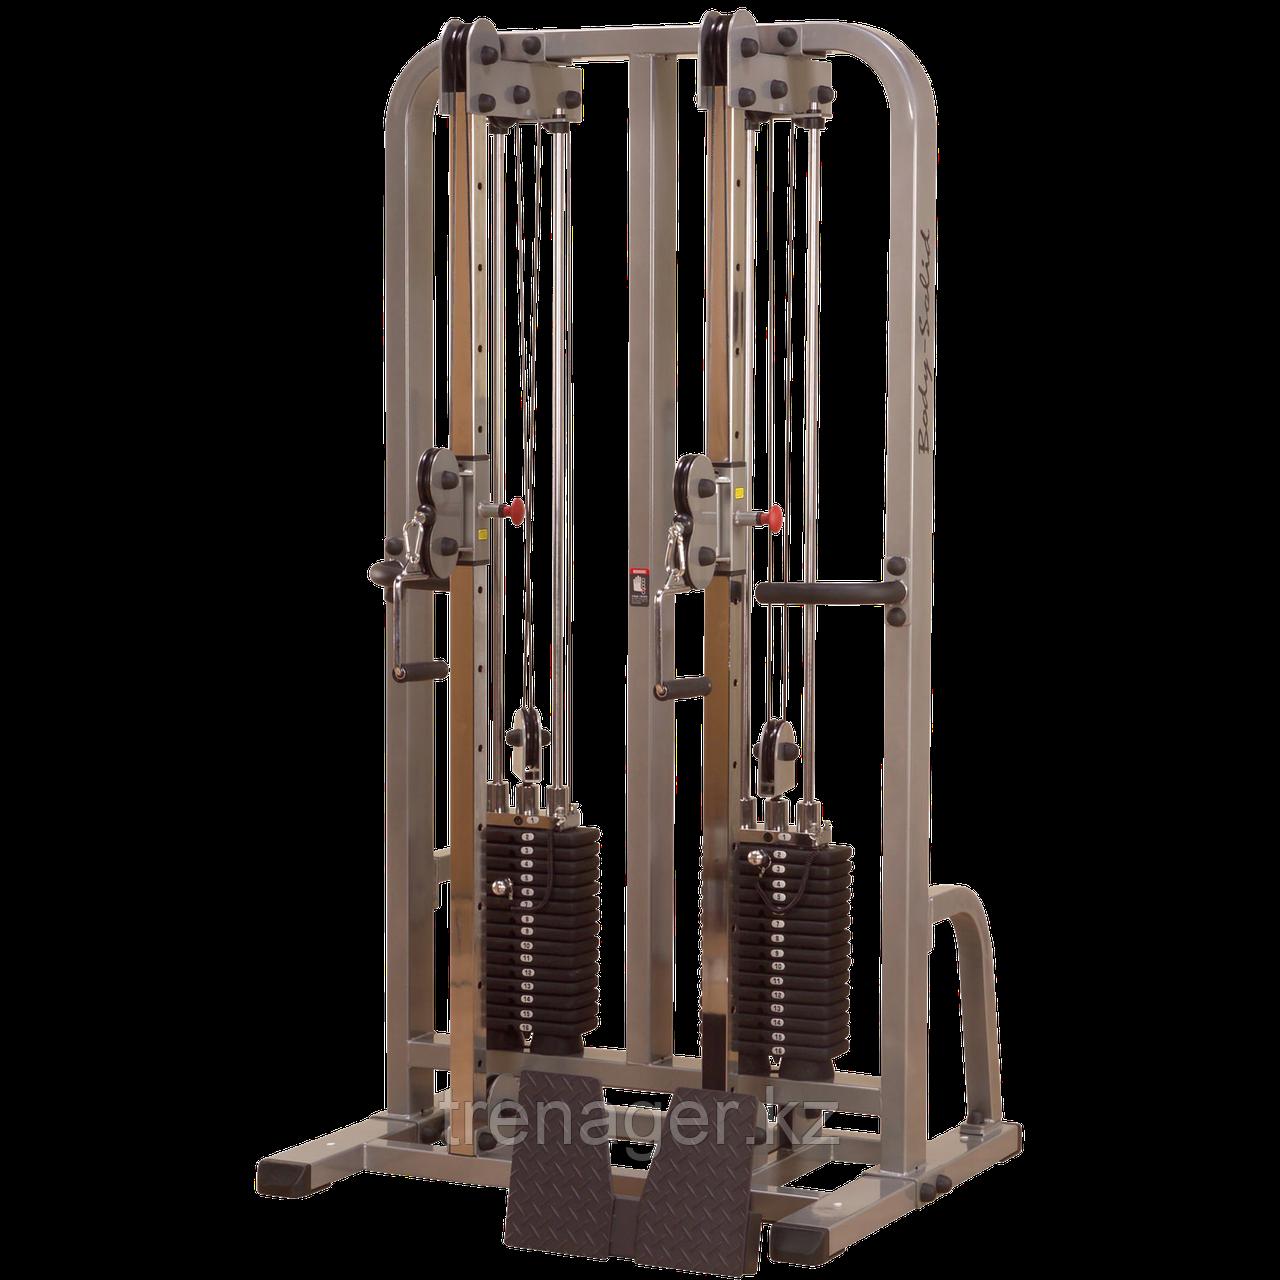 Сдвоенная блочная стойка с двумя весовыми стеками по 105 кг